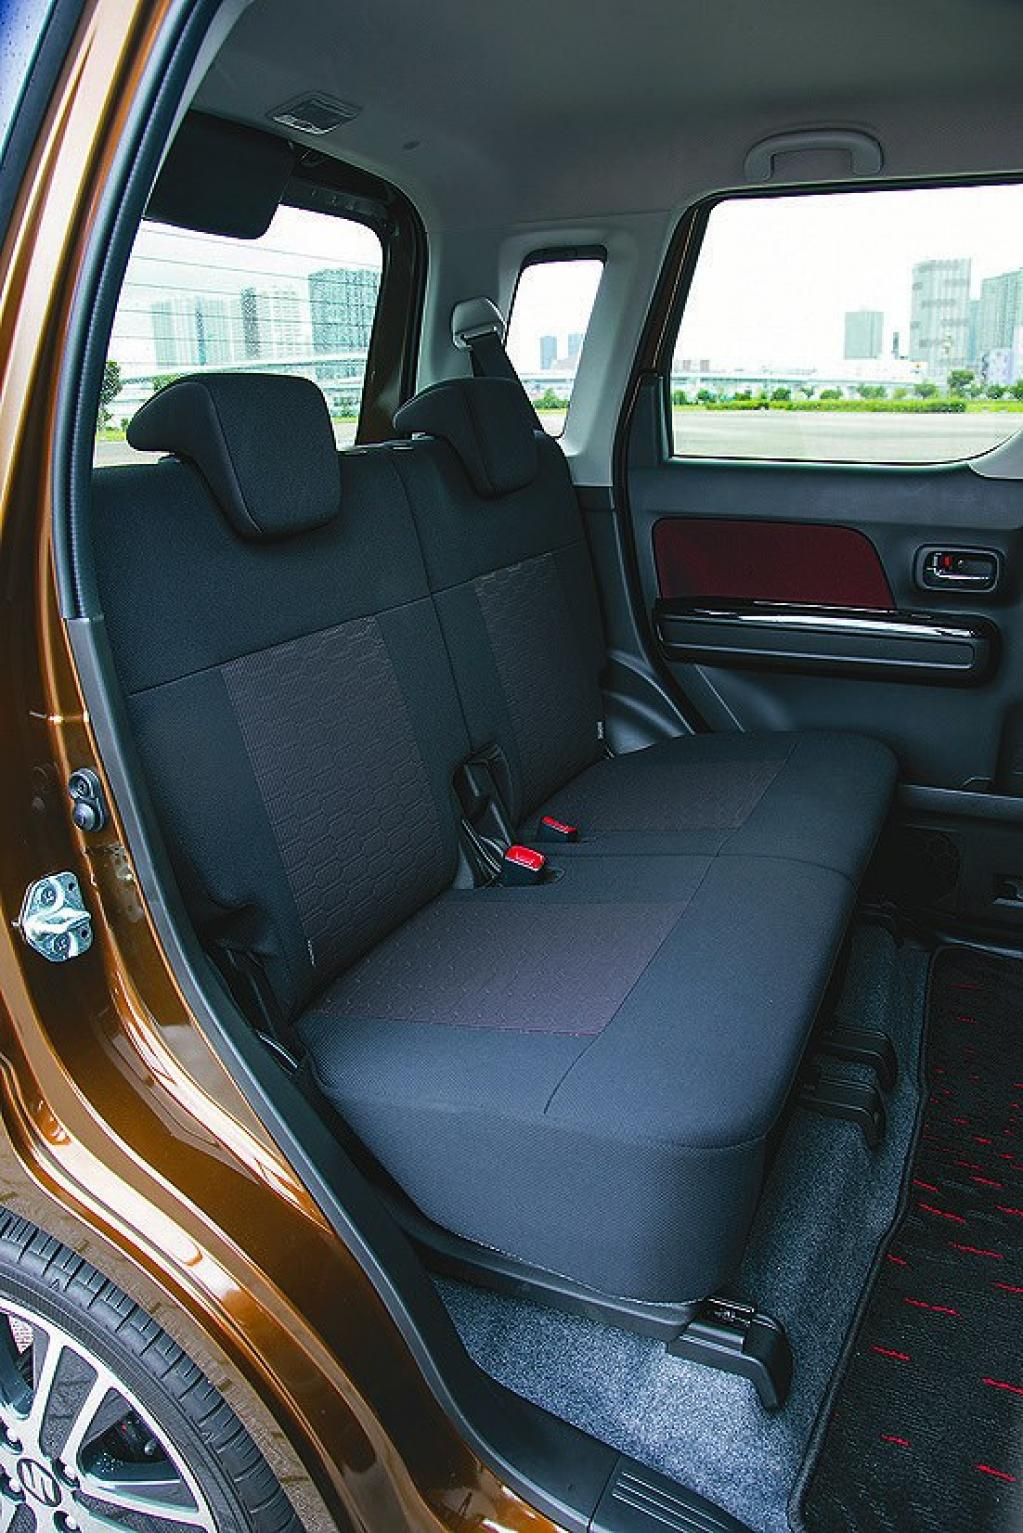 ダイハツ・ワゴンR、スズキ・ムーヴが揃う軽自動車で人気のハイトワゴン4車種まとめ